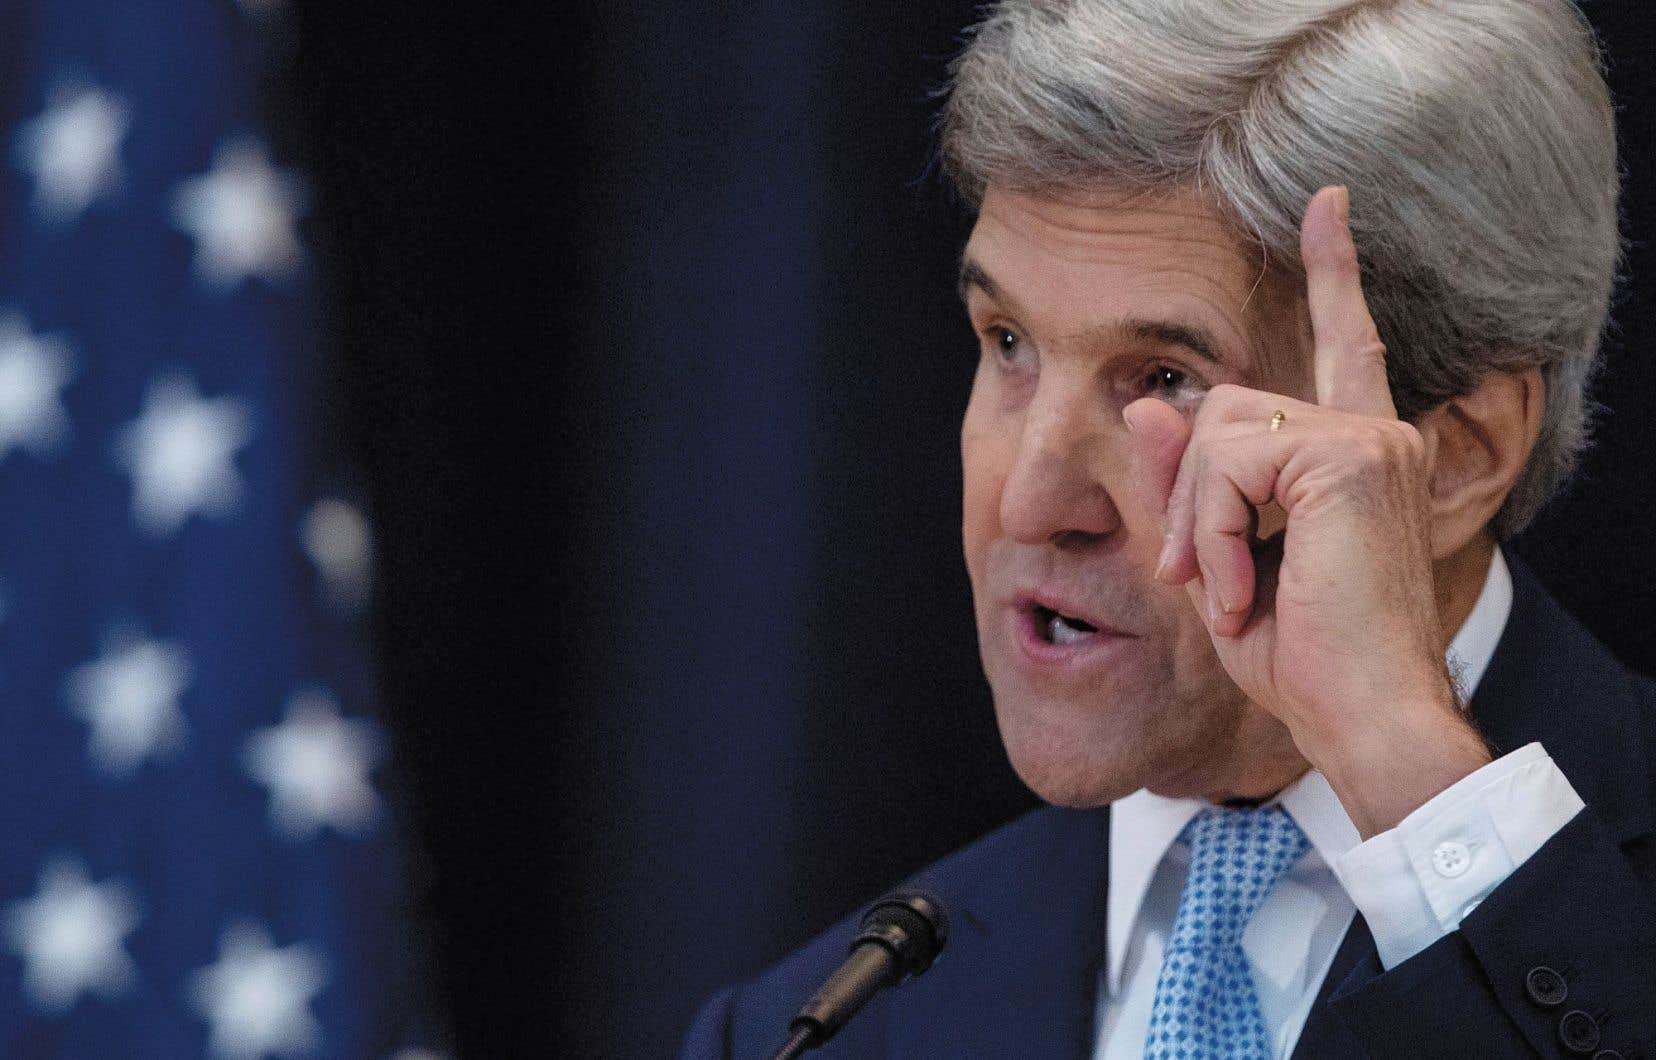 Le secrétaire d'État américain, John Kerry, a livré mercredi un discours aux allures de testament politique. Il y a notamment défendu la solution à deux États, essentielle à la paix au Proche-Orient.